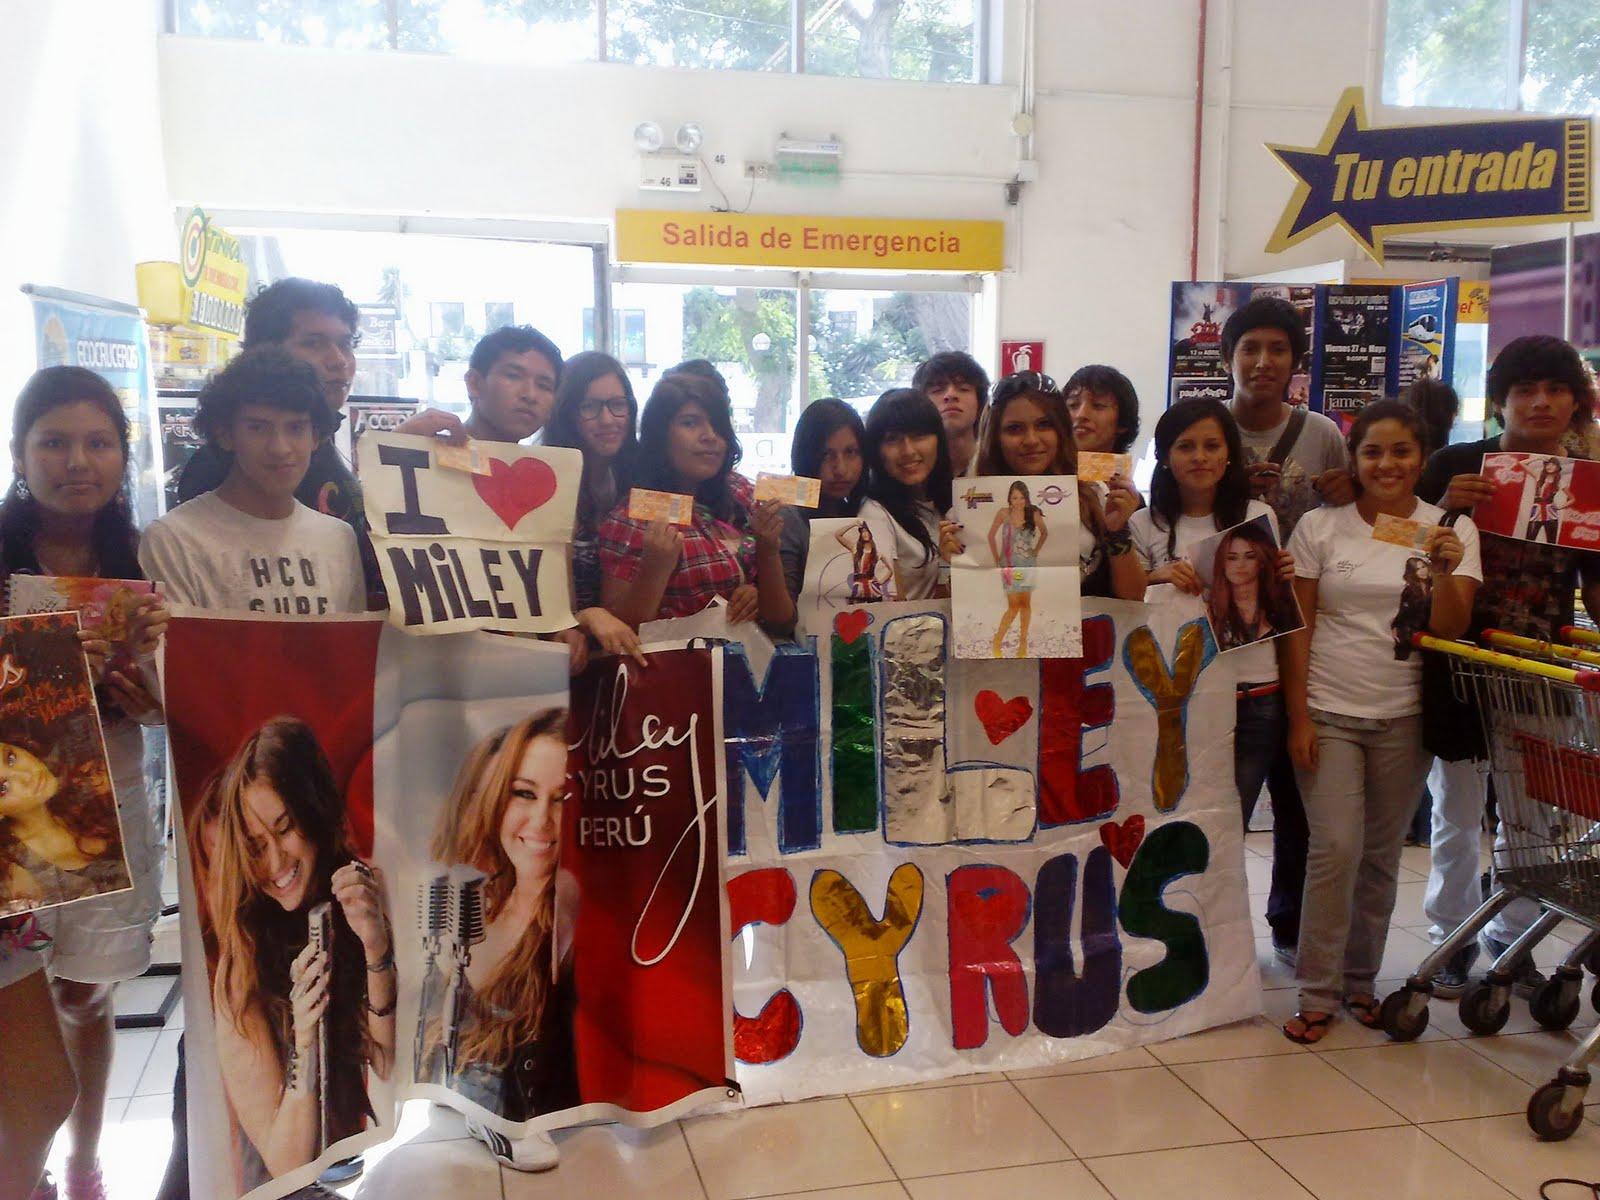 Dfhd Fans De Miley Cirus Llenan Los Modulos De Tu Entrada